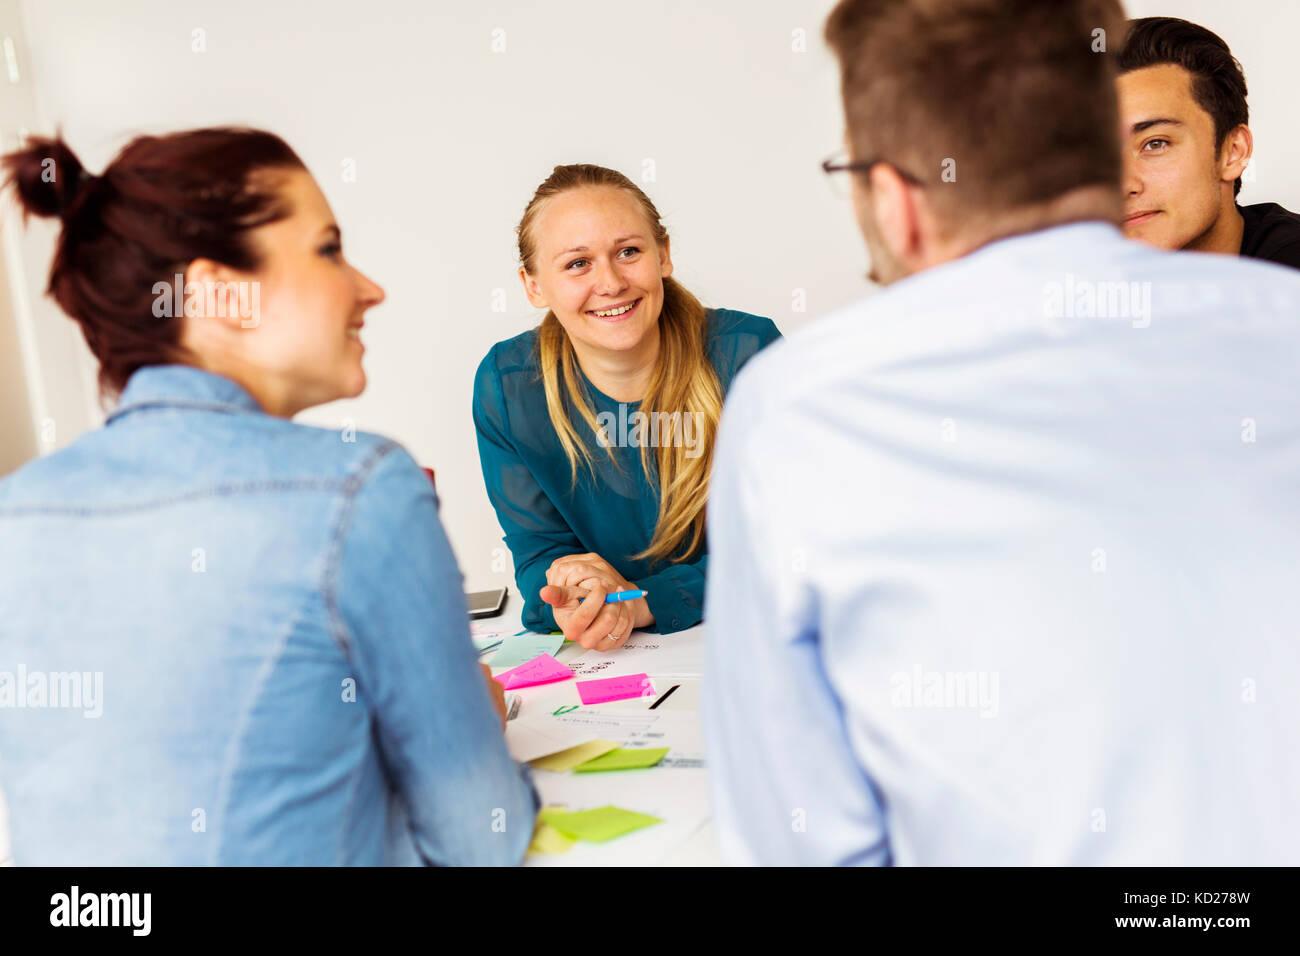 Kollegen sprechen während der Konferenz Stockbild